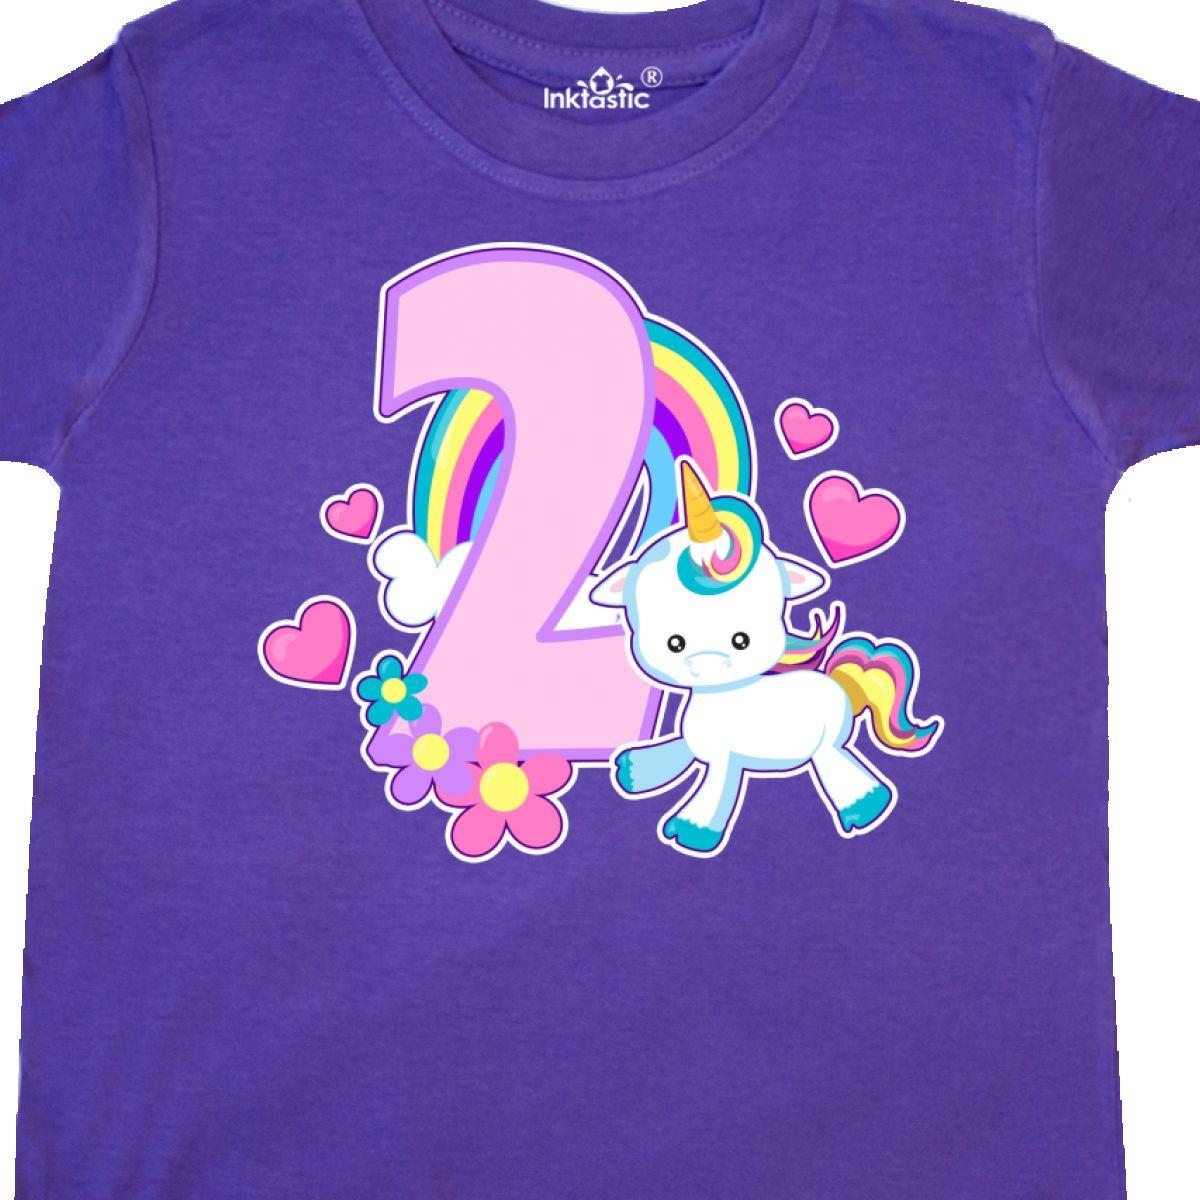 inktastic 4th Birthday Ladybug Toddler T-Shirt